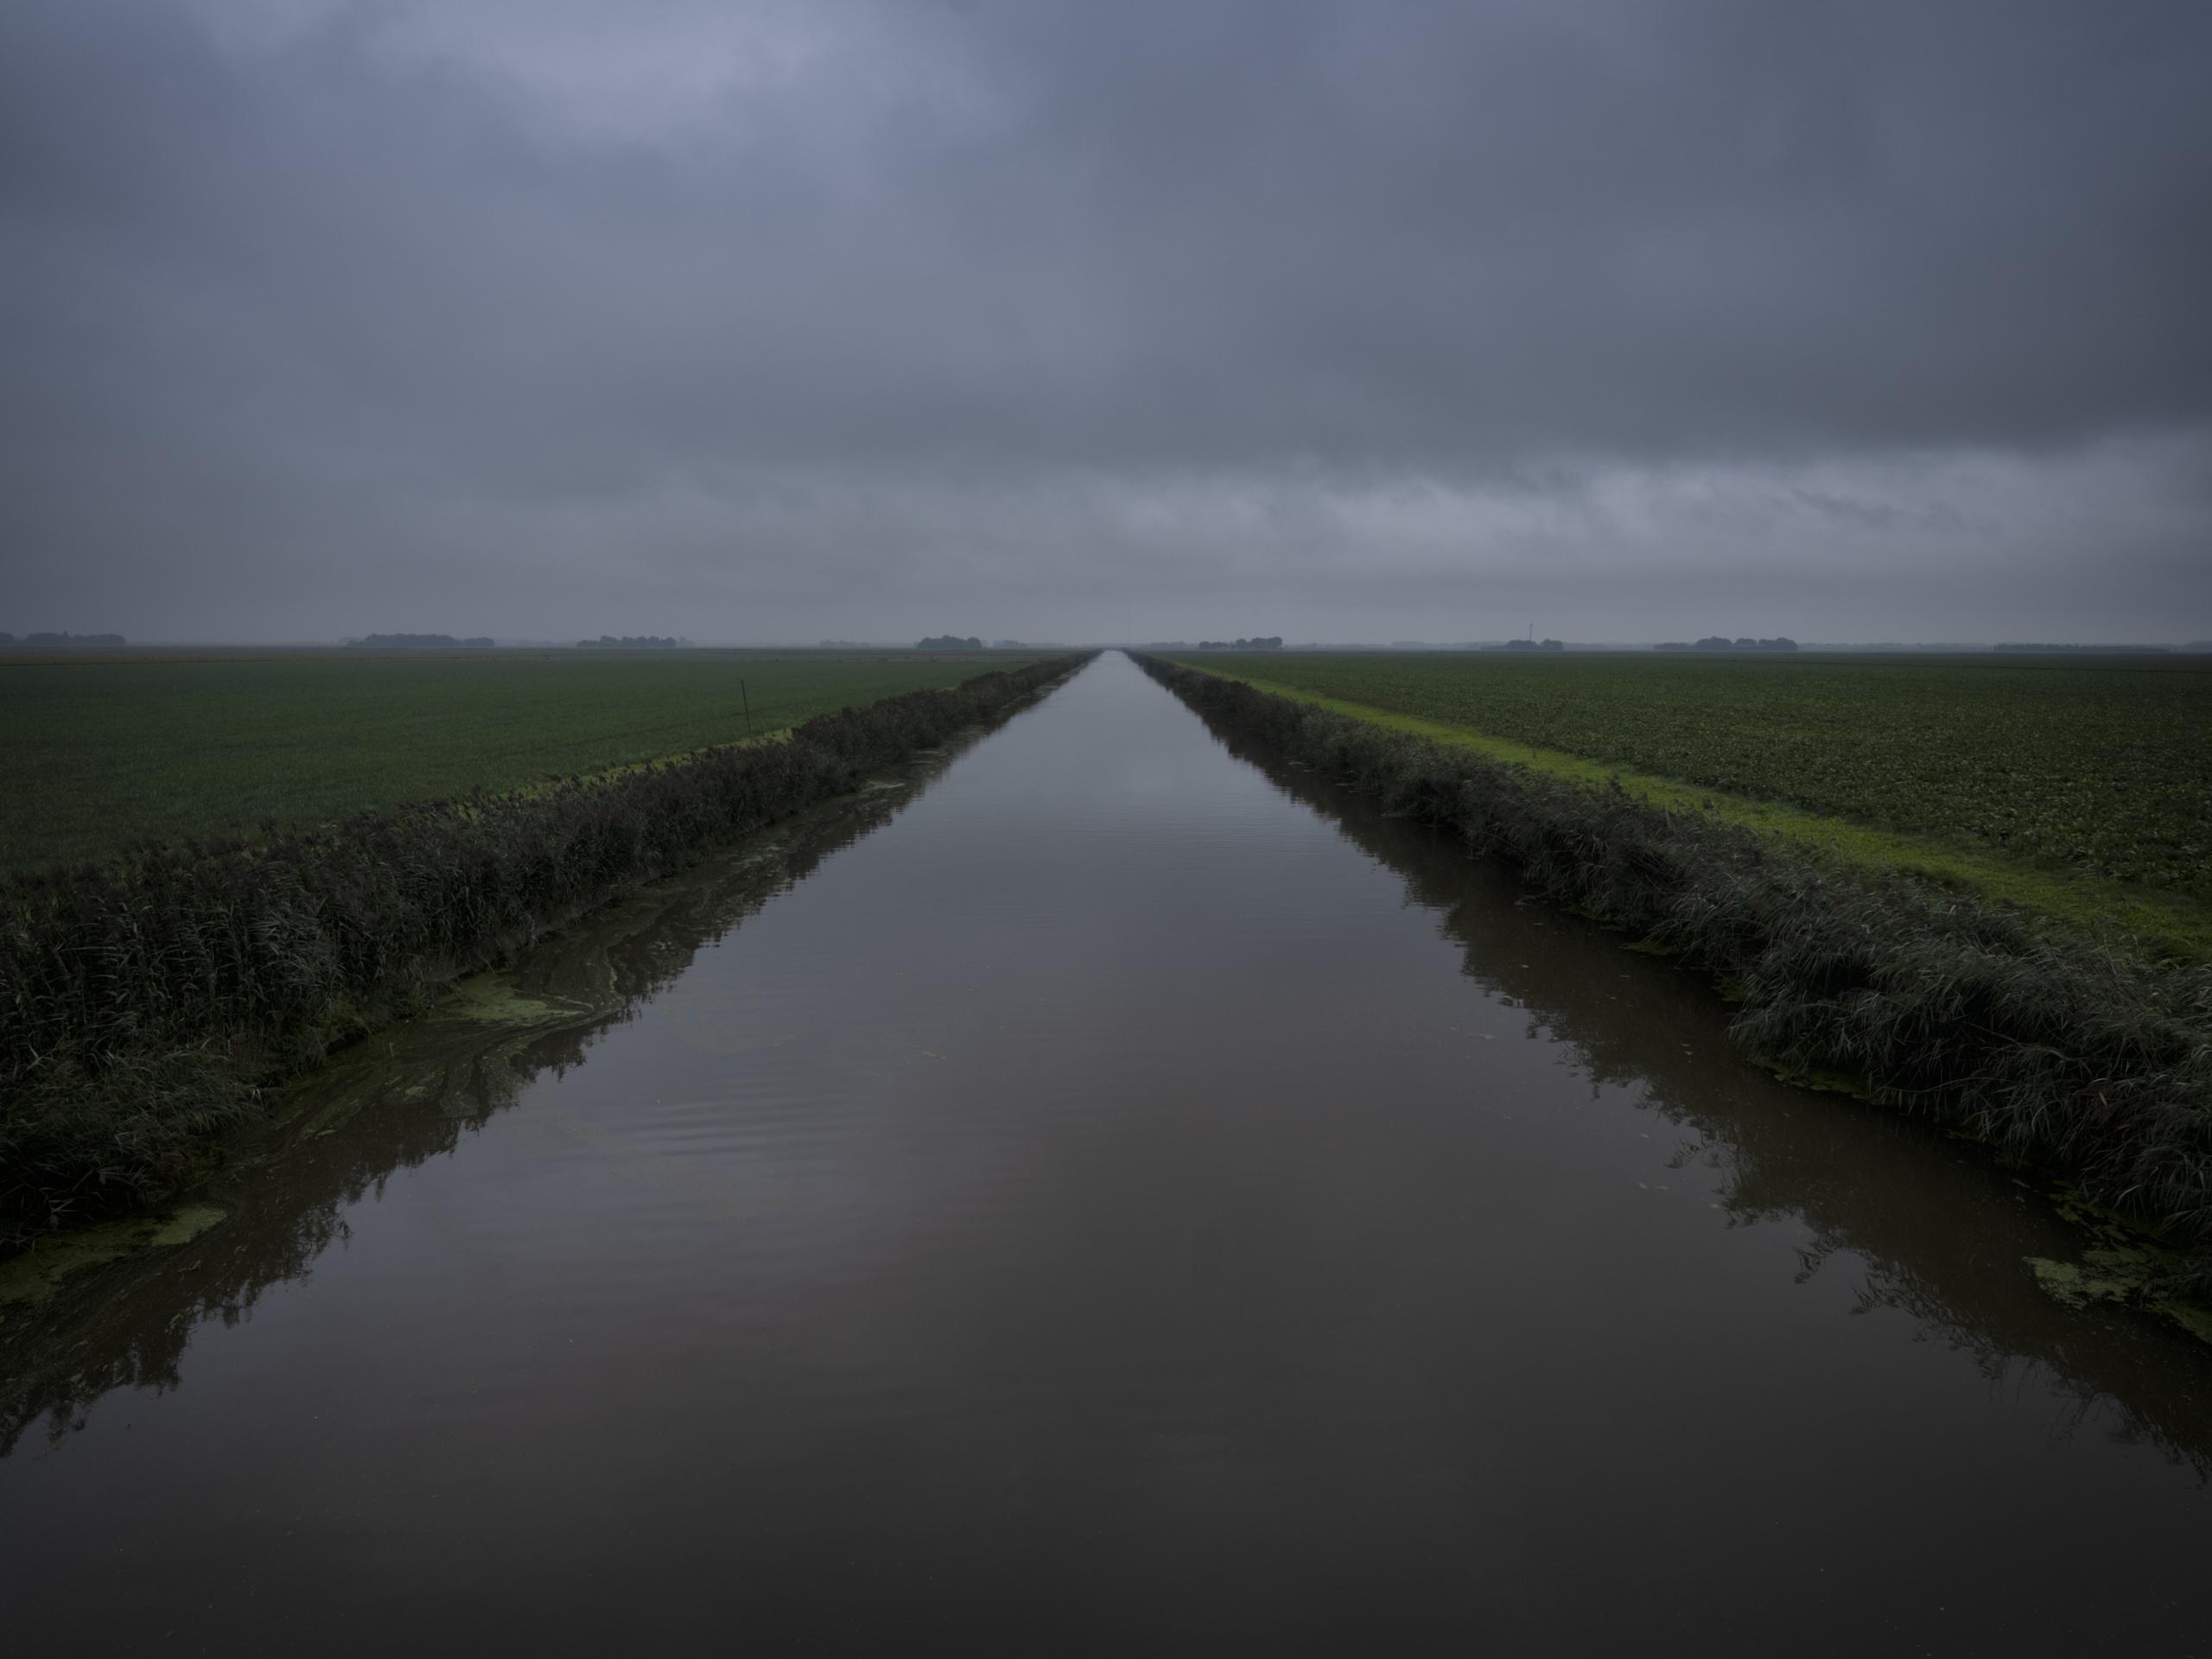 Jason van Bruggen, Farm Fields, Flevoland Polder, 2020